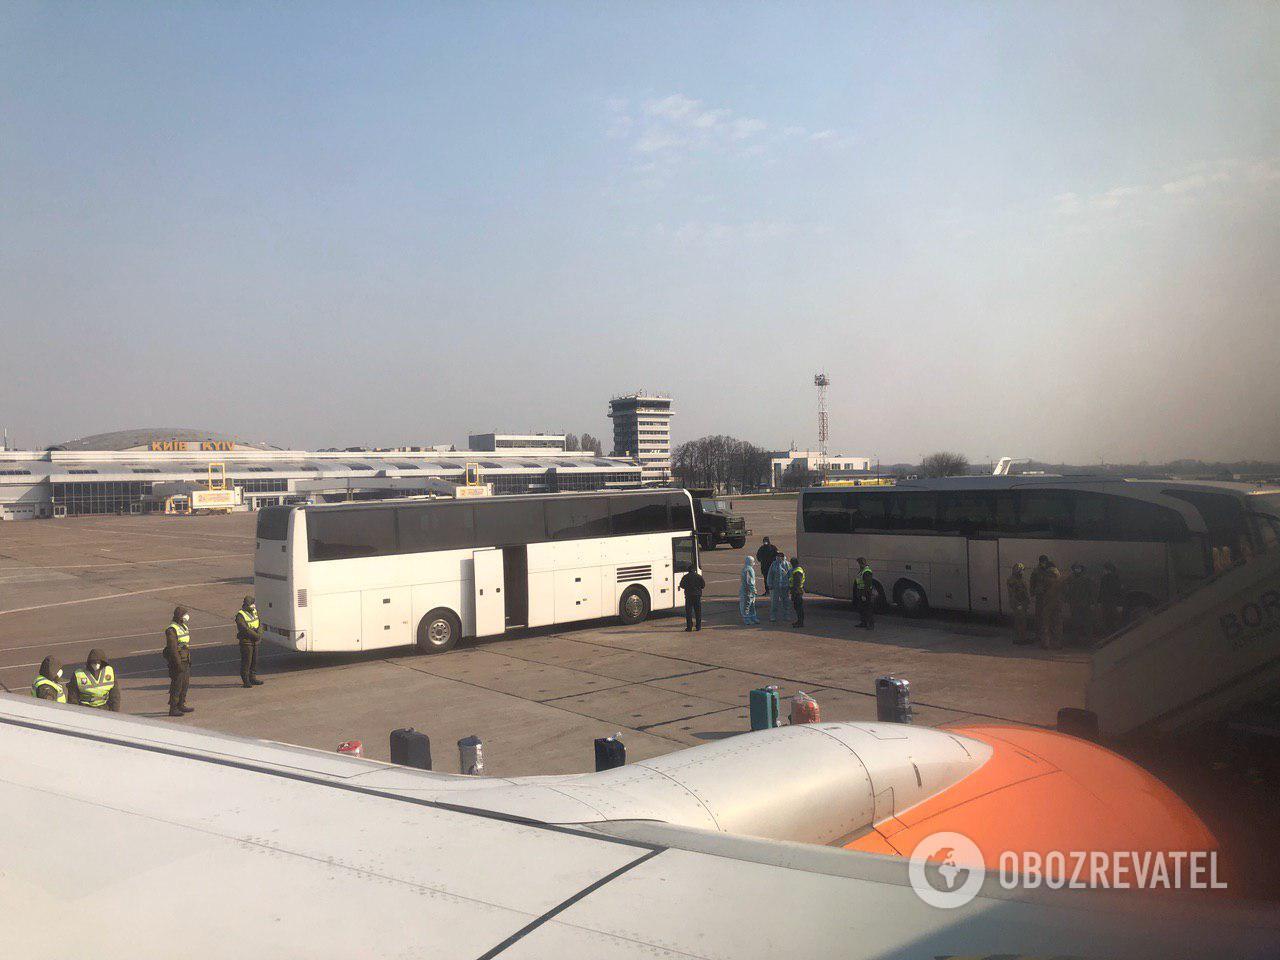 Будут в самолетах до конца! Украинцы с Бали выдвинули ультиматум